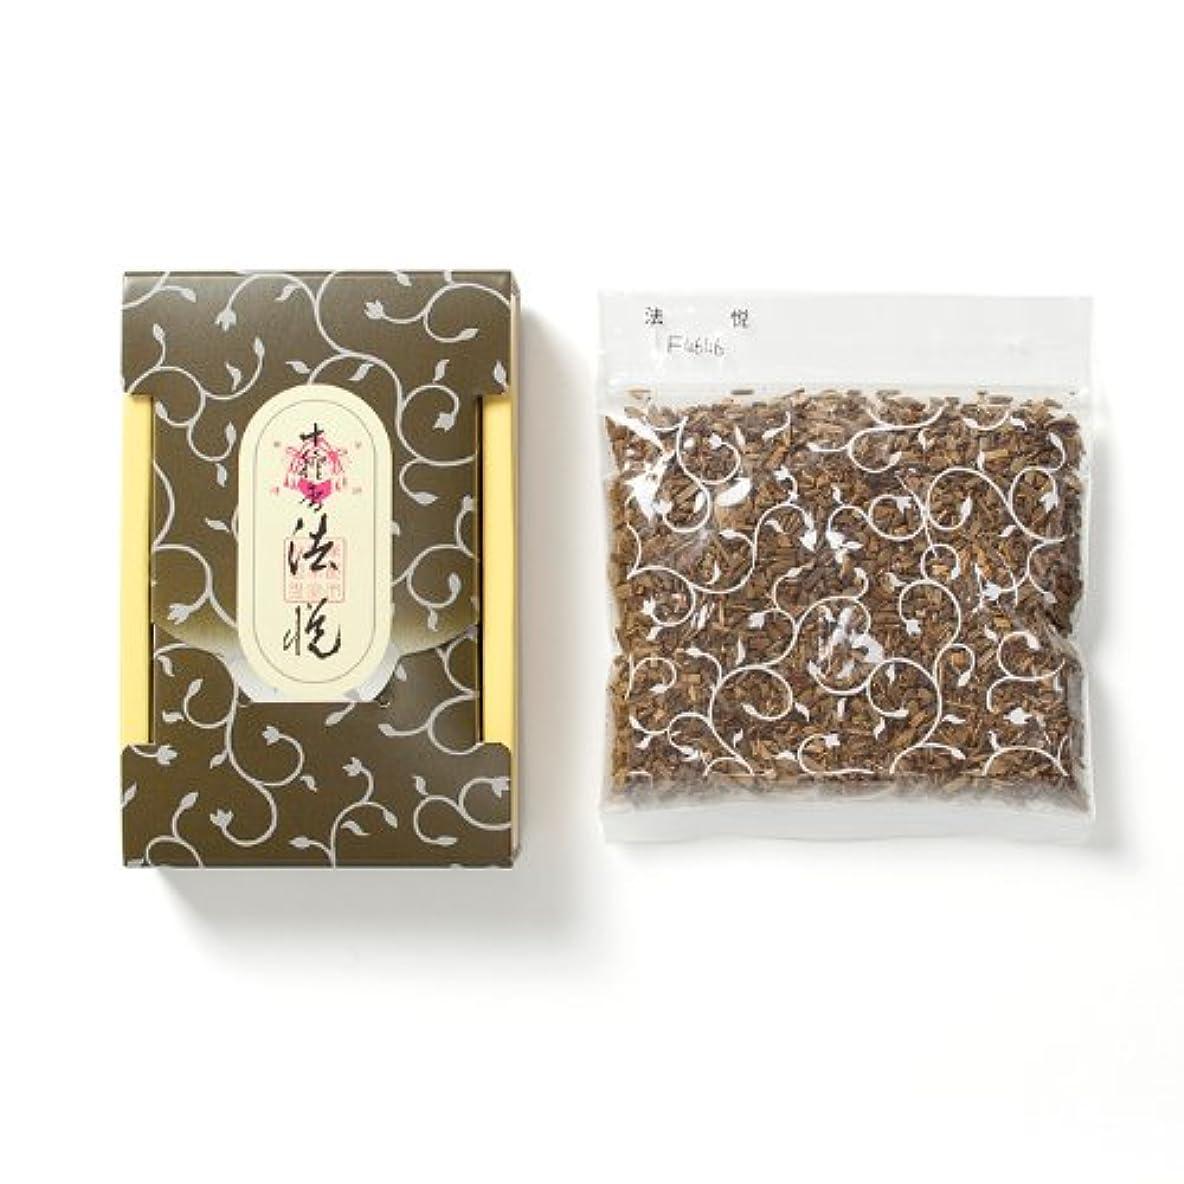 偏見みなさんシンク松栄堂のお焼香 十種香 法悦 25g詰 小箱入 #411041